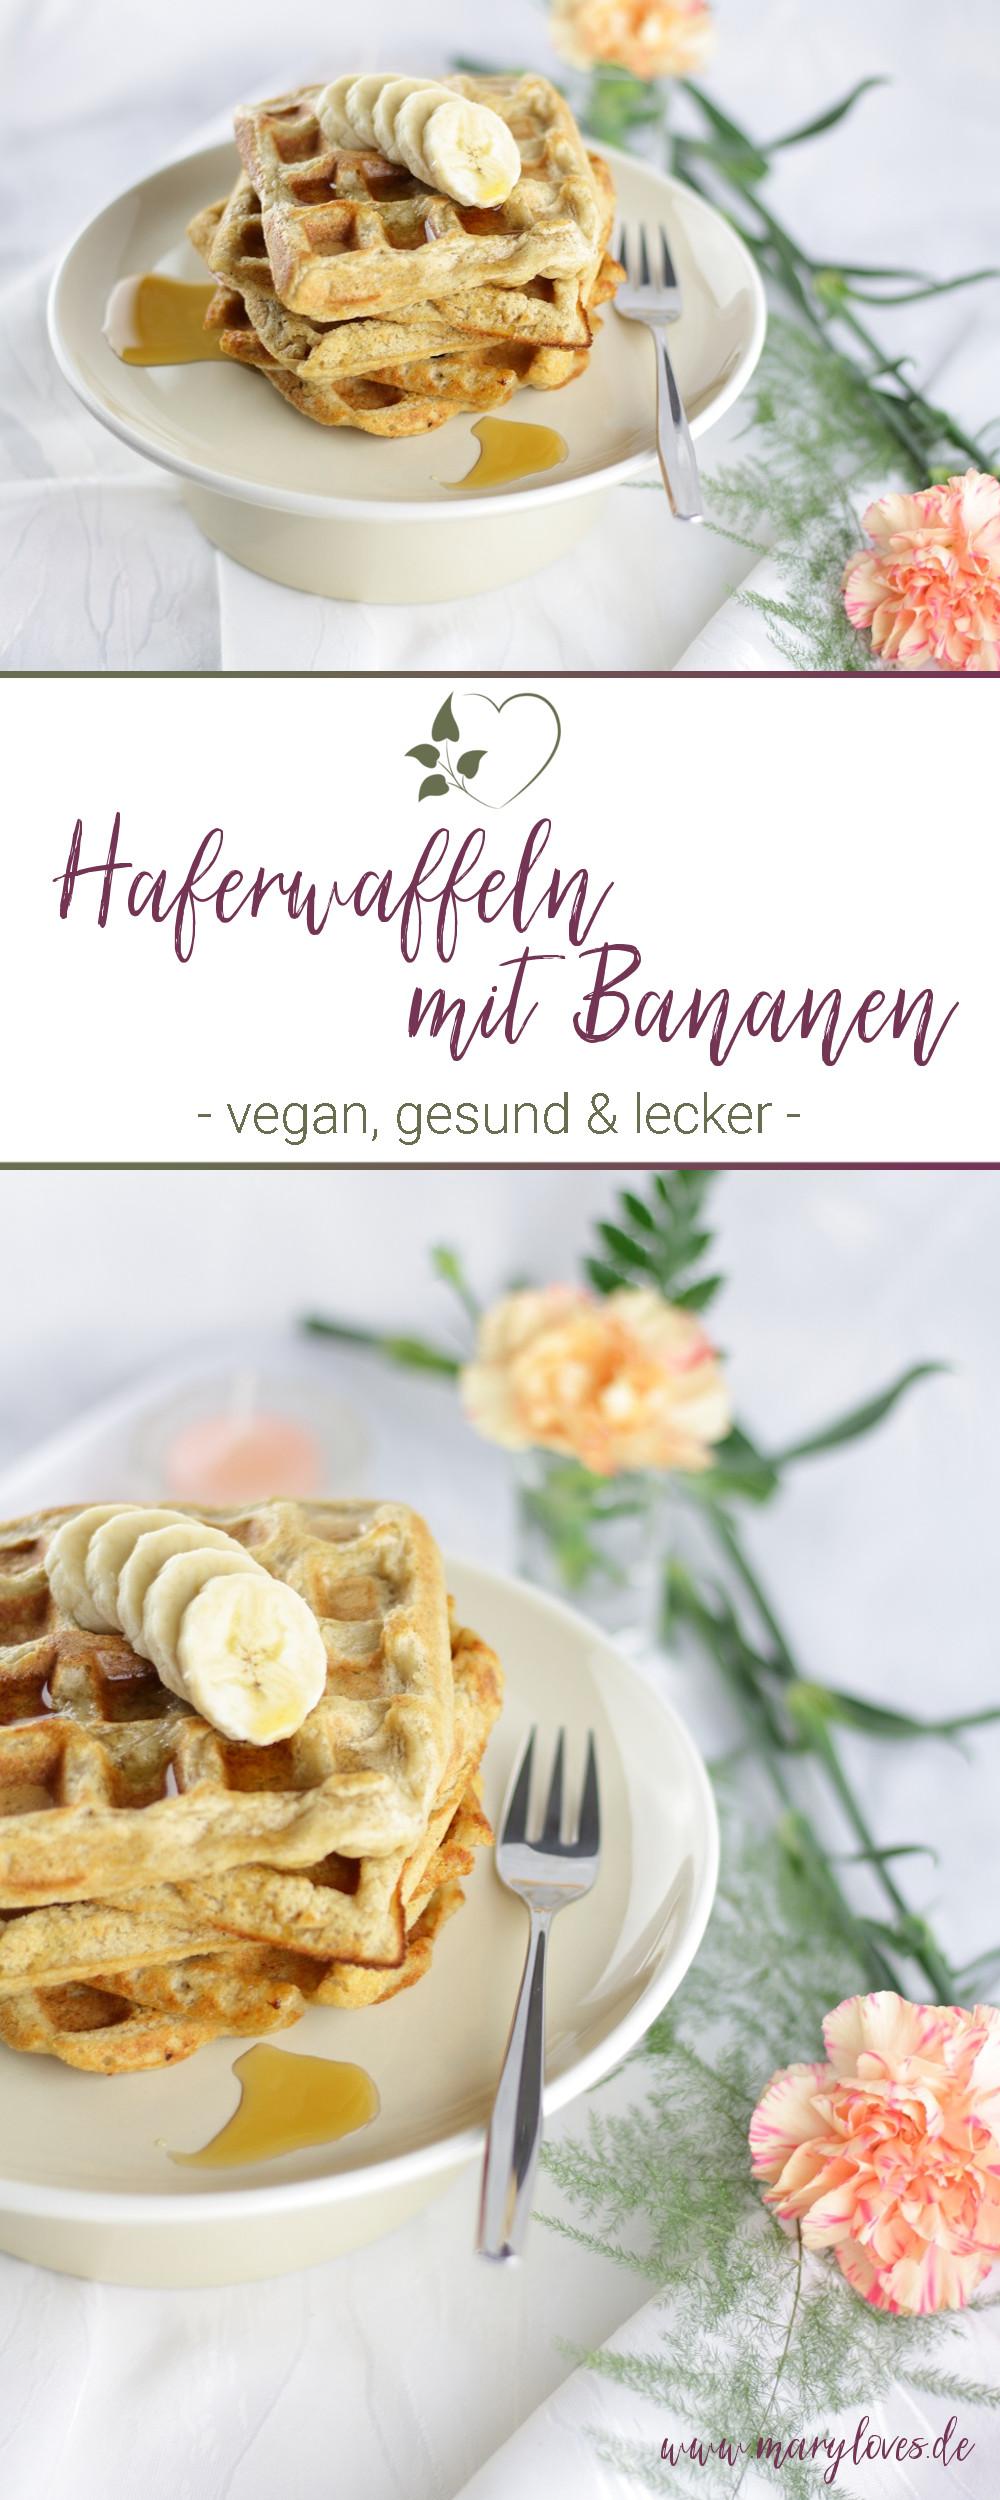 Gesundes Frühstück - Vegane Haferwaffeln mit Bananen - #haferwaffeln #waffeln #frühstück #vegan #veganewaffeln #bananenwaffeln #veganesfrühstück #waffelrezept #zuckerfrei